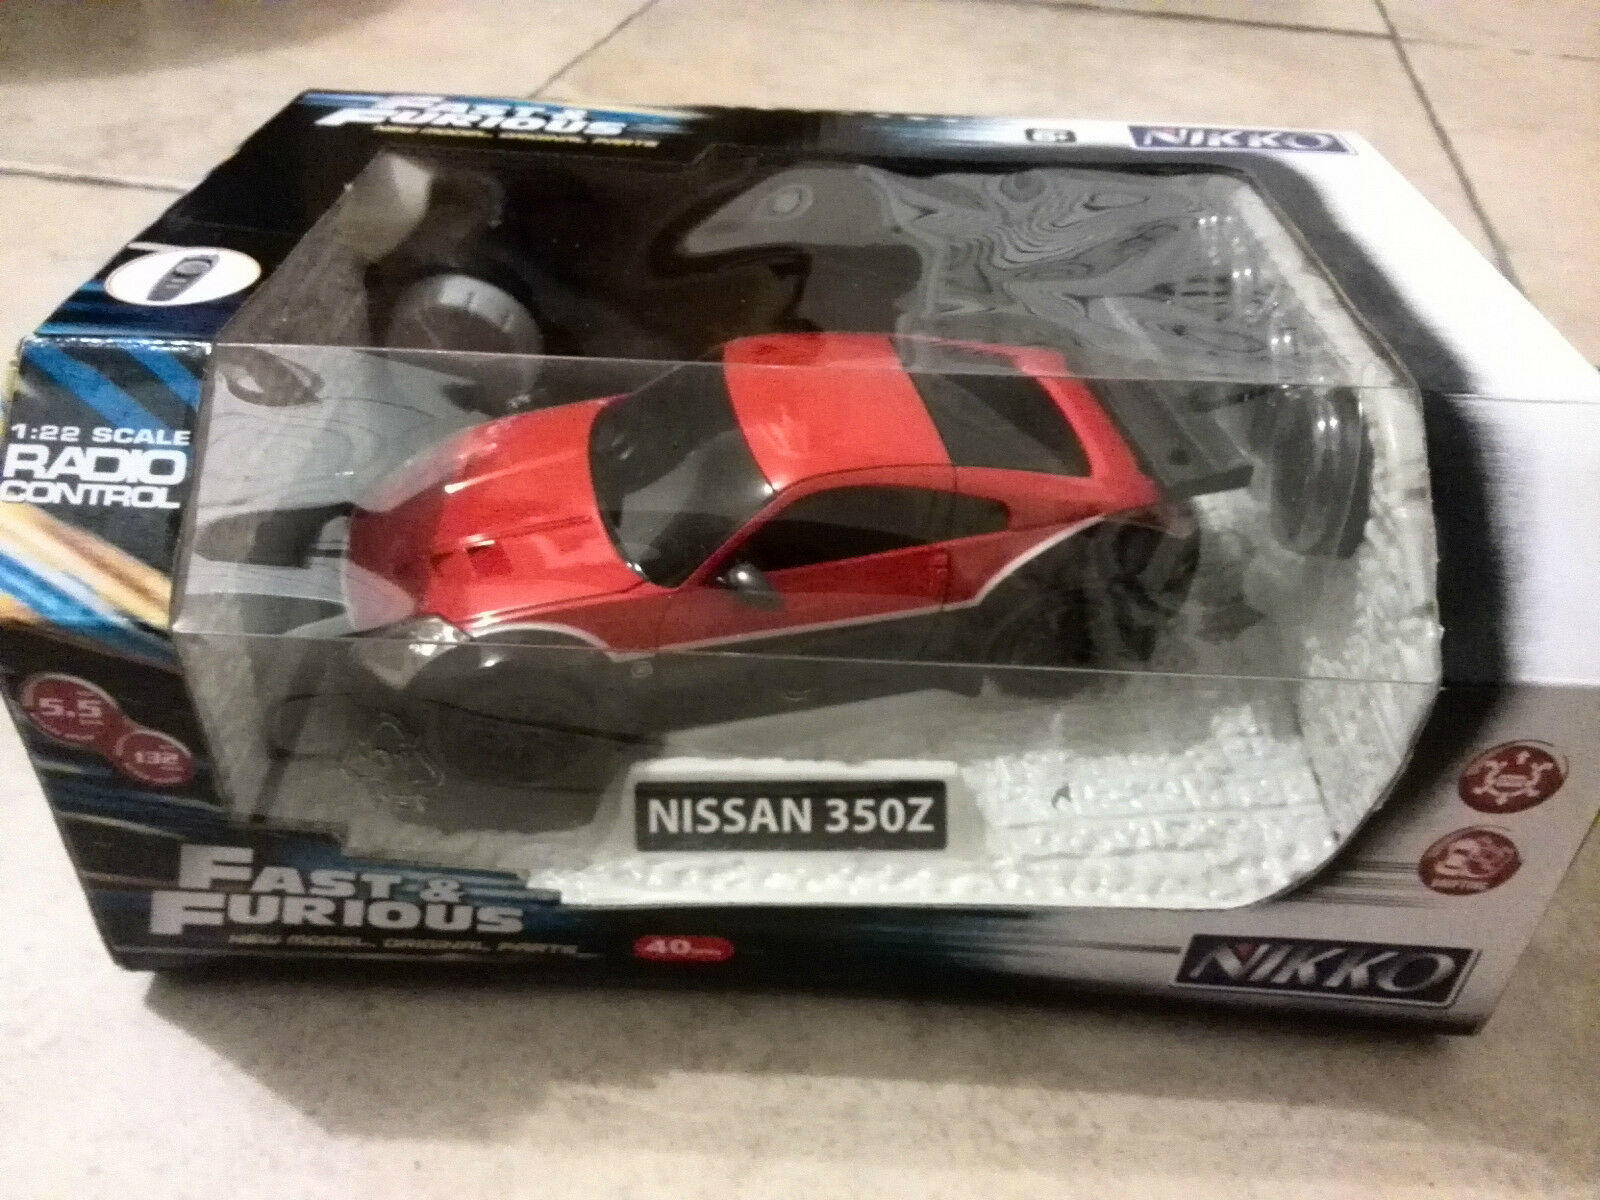 Venta FAST & FURIOUS NISSAN 350Z Rc coche Escala 1 22 - Nuevo